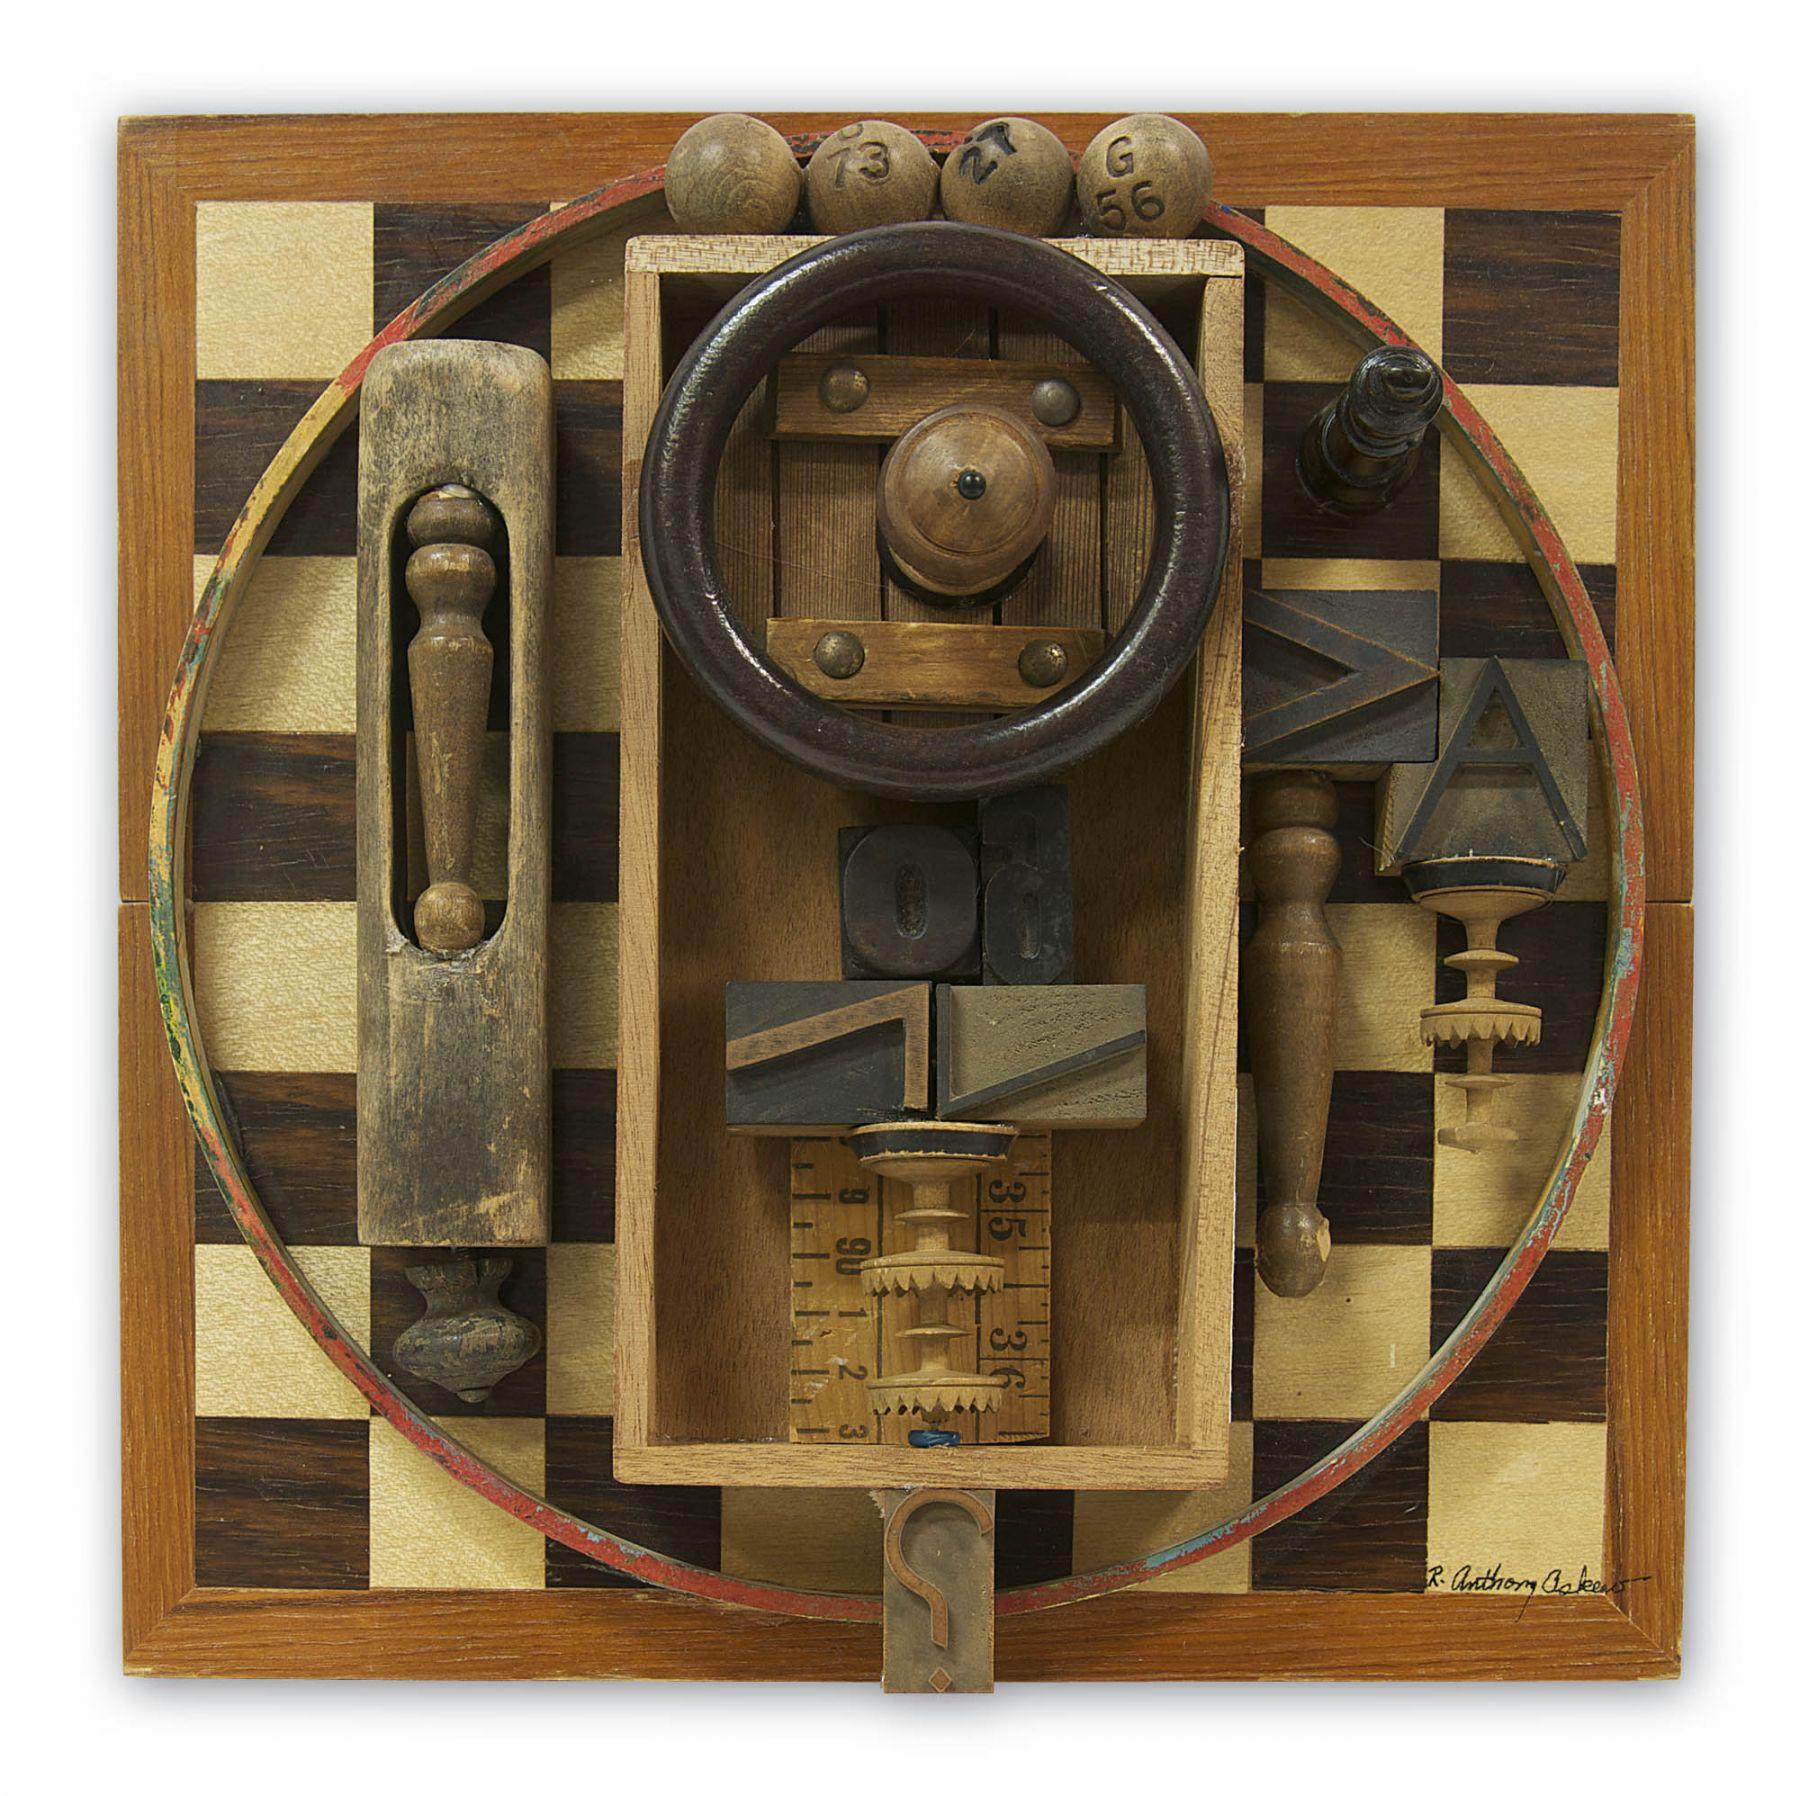 Tony Askew, Game Plan